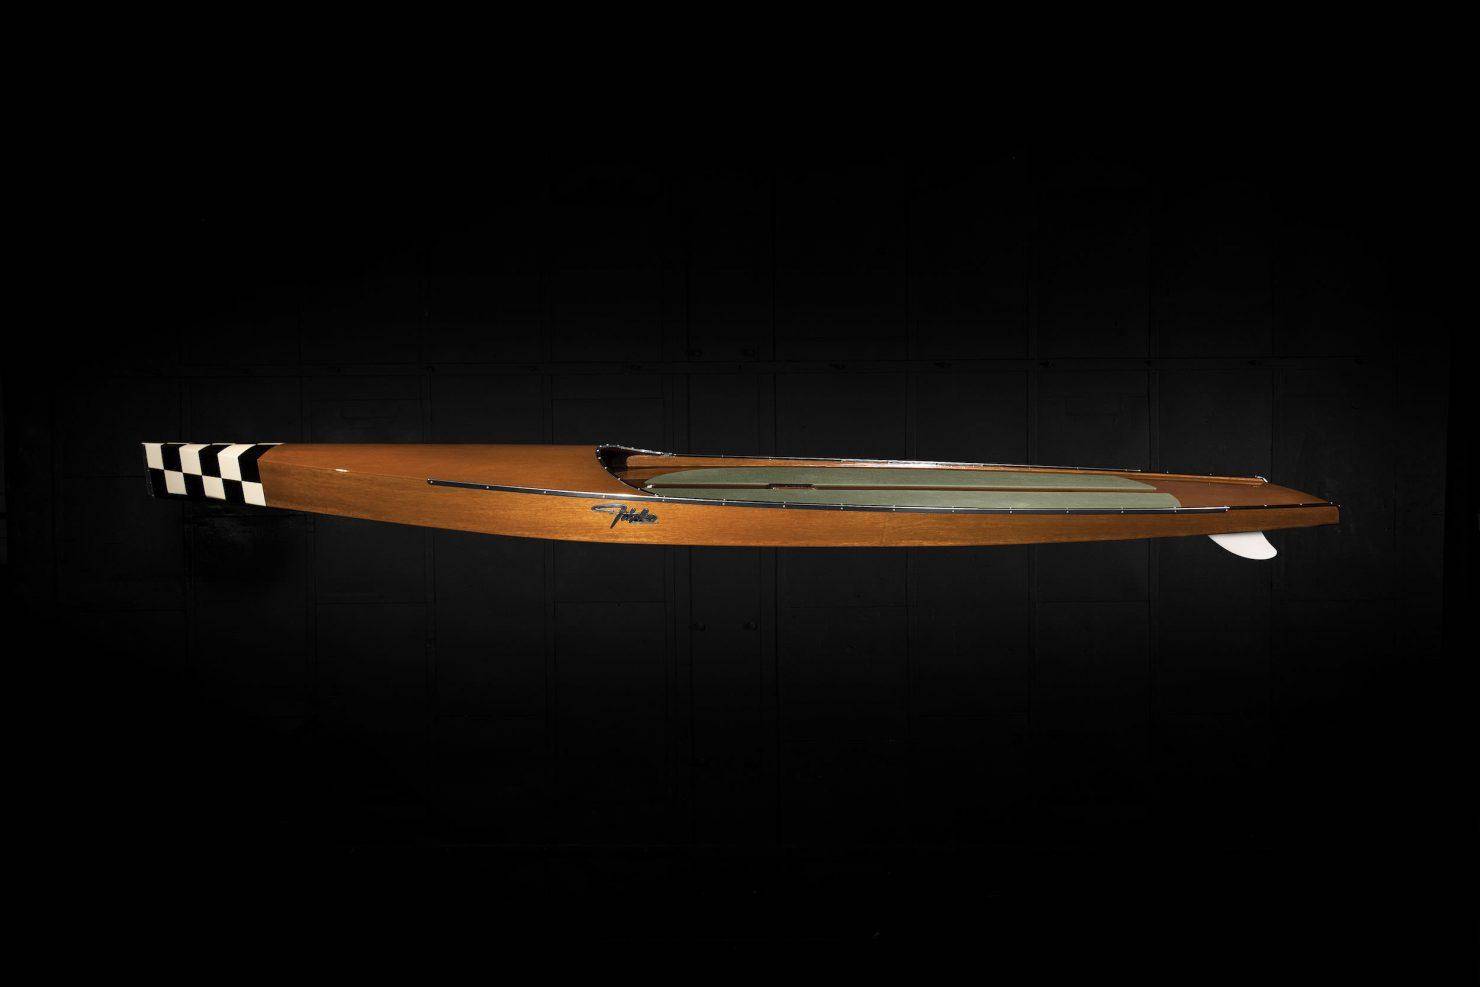 Fitzke Paddleboard 1 1480x987 - Bootlegger Fitzke Paddleboard